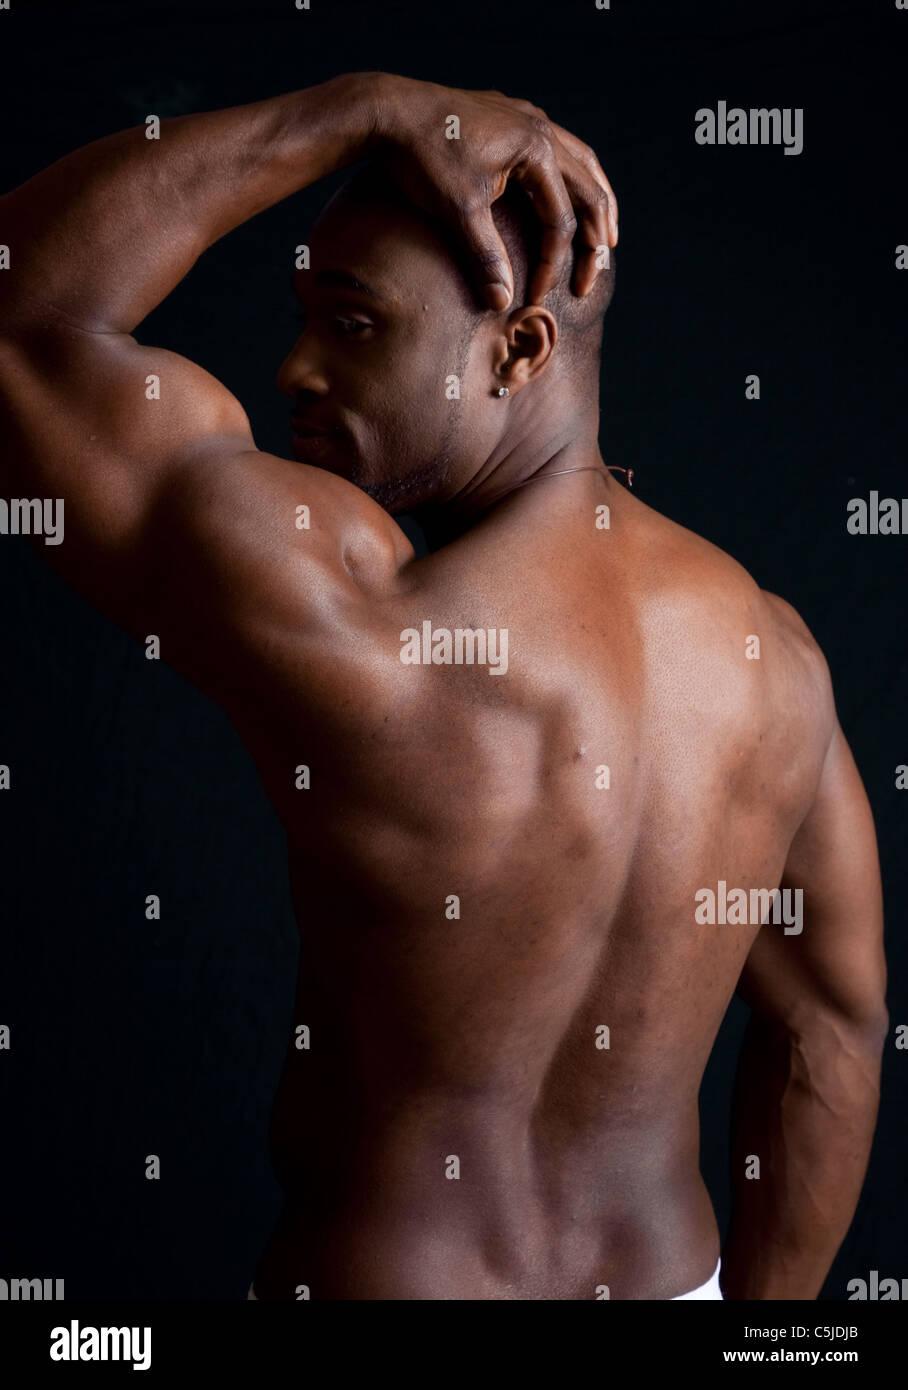 Muskulöser afroamerikanische Mann zeigt seine Muskeln von Rücken und ...